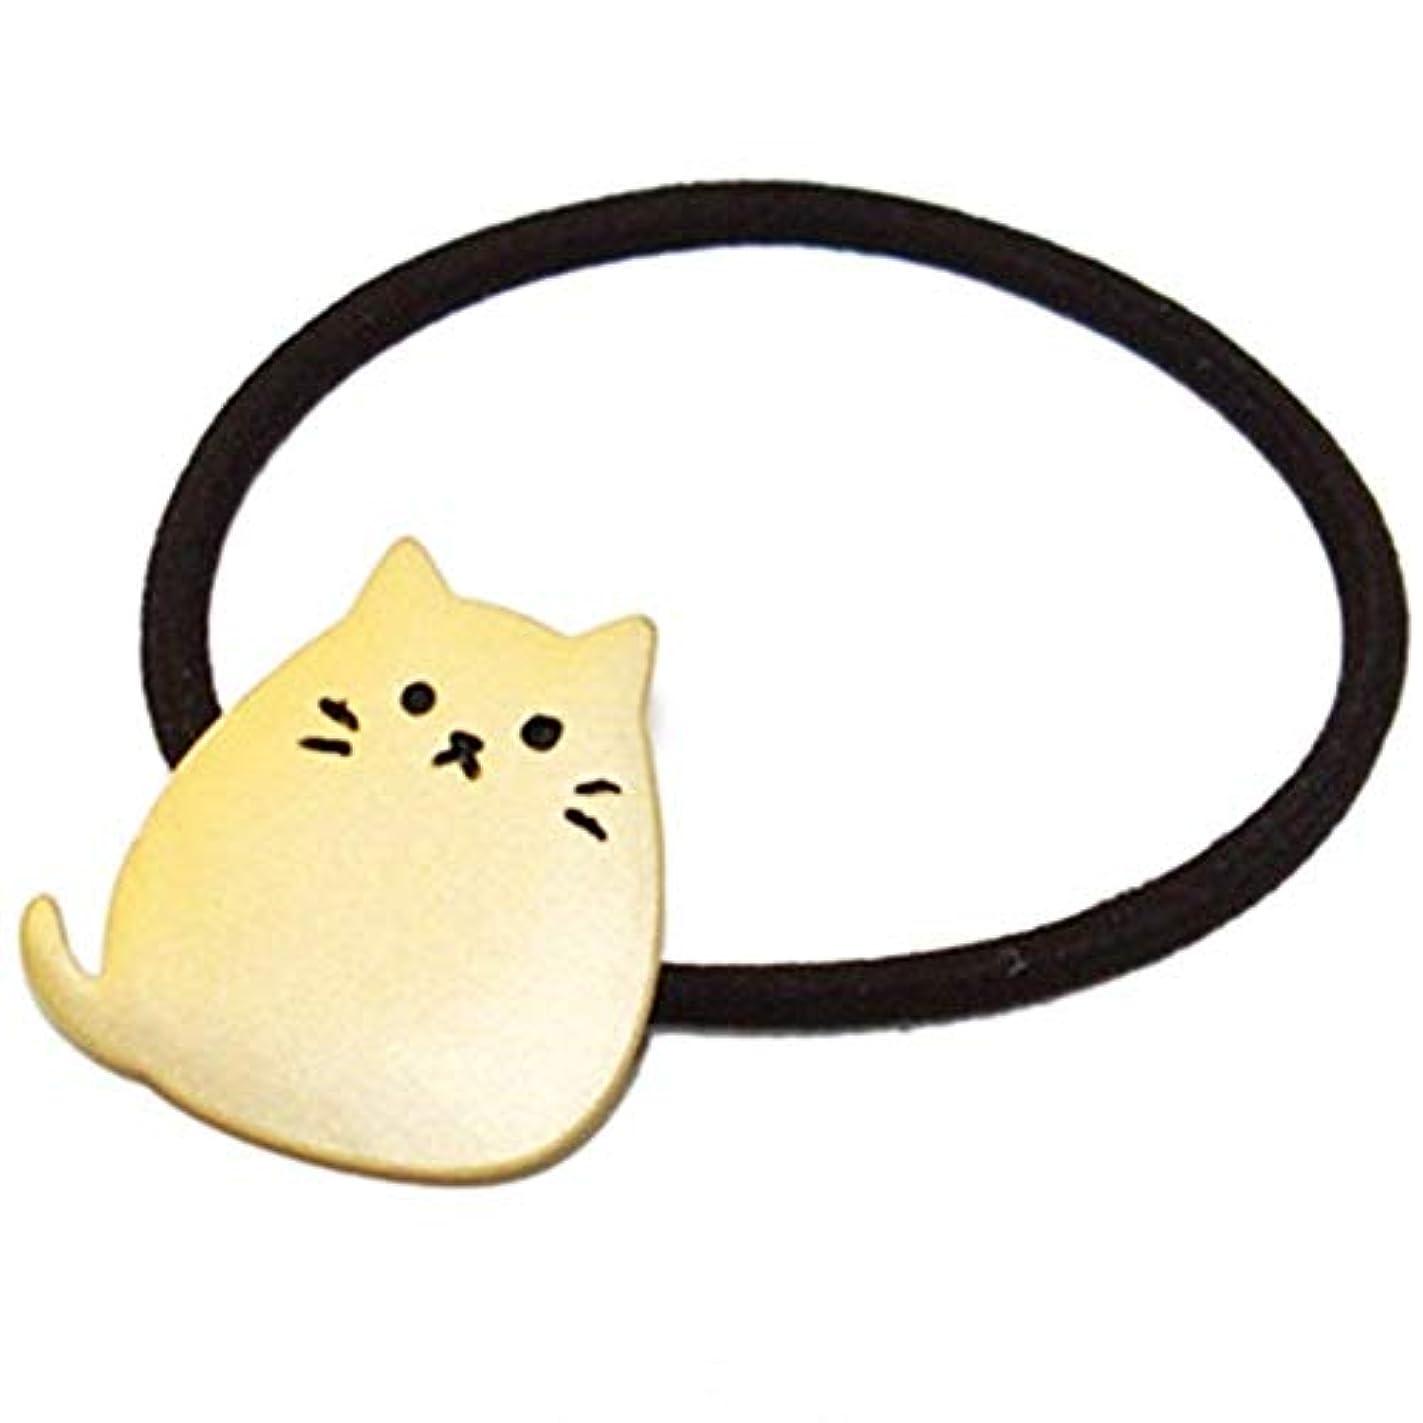 出席上級にんじんOnior ヘアロープ 弾性 リボン 髪飾り ヘアネクタイ 猫形 金属 メッキ 1ピース ゴールデン